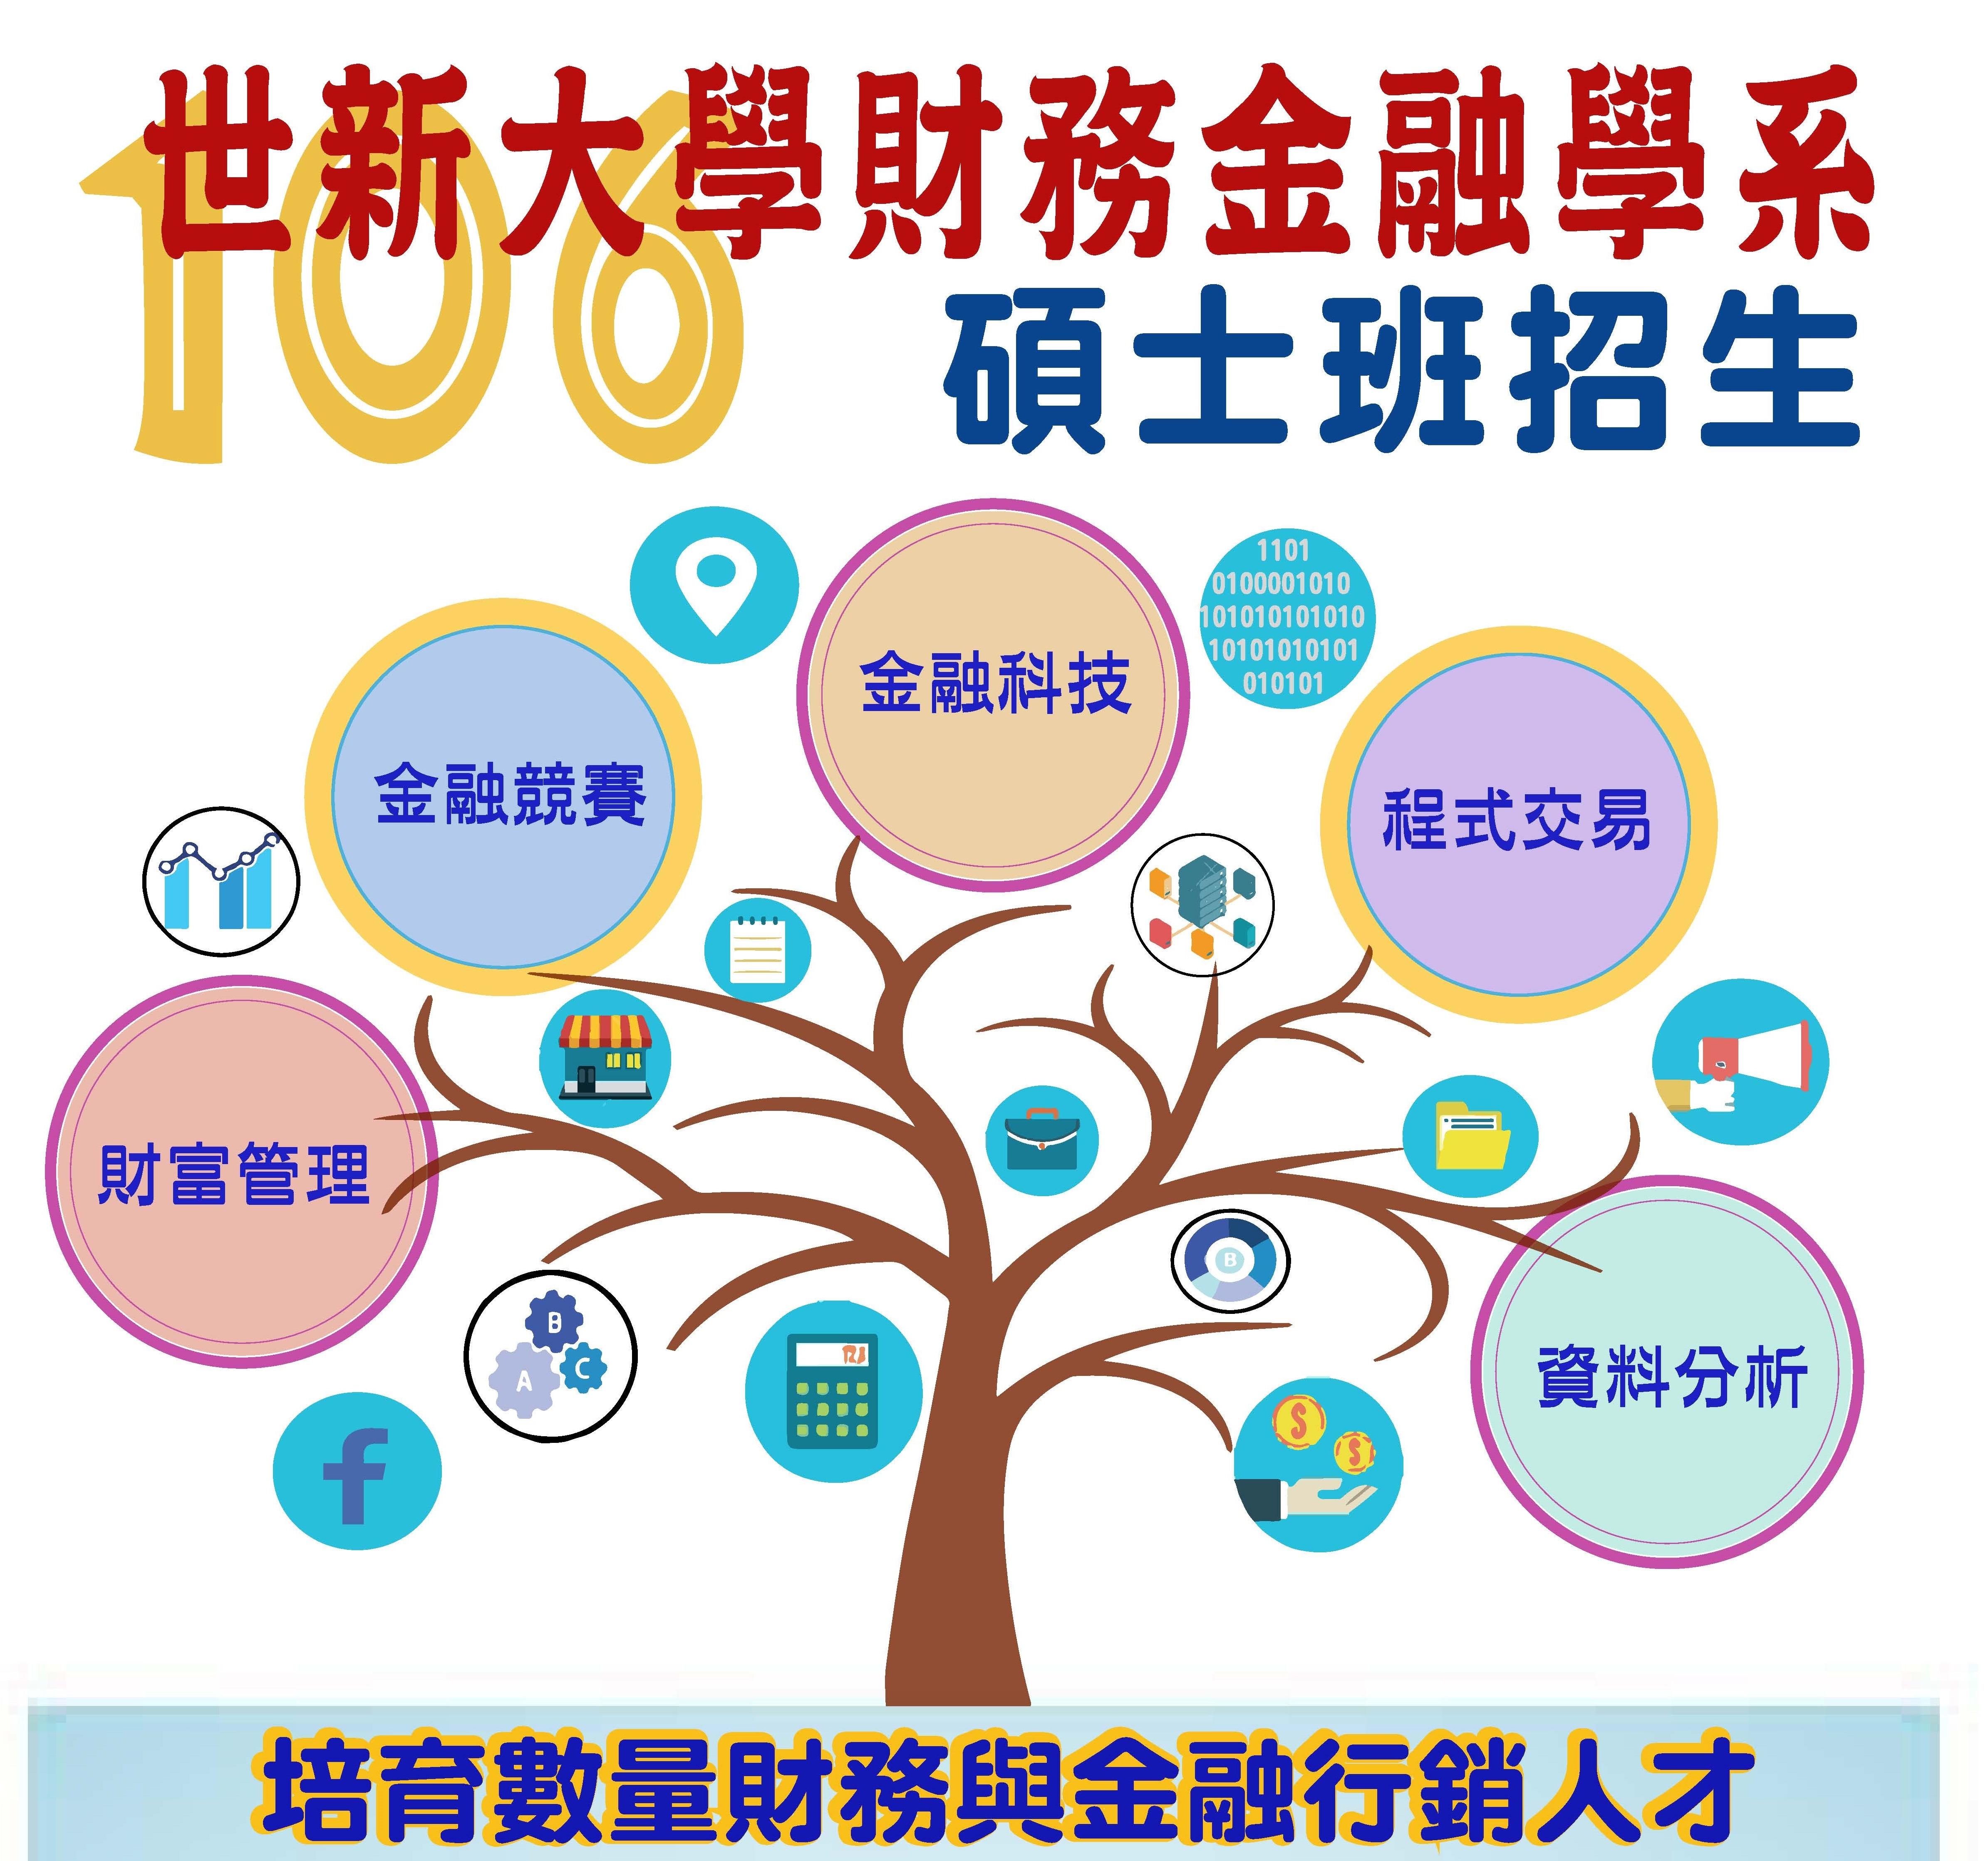 106世新財金碩士班招生(網頁)